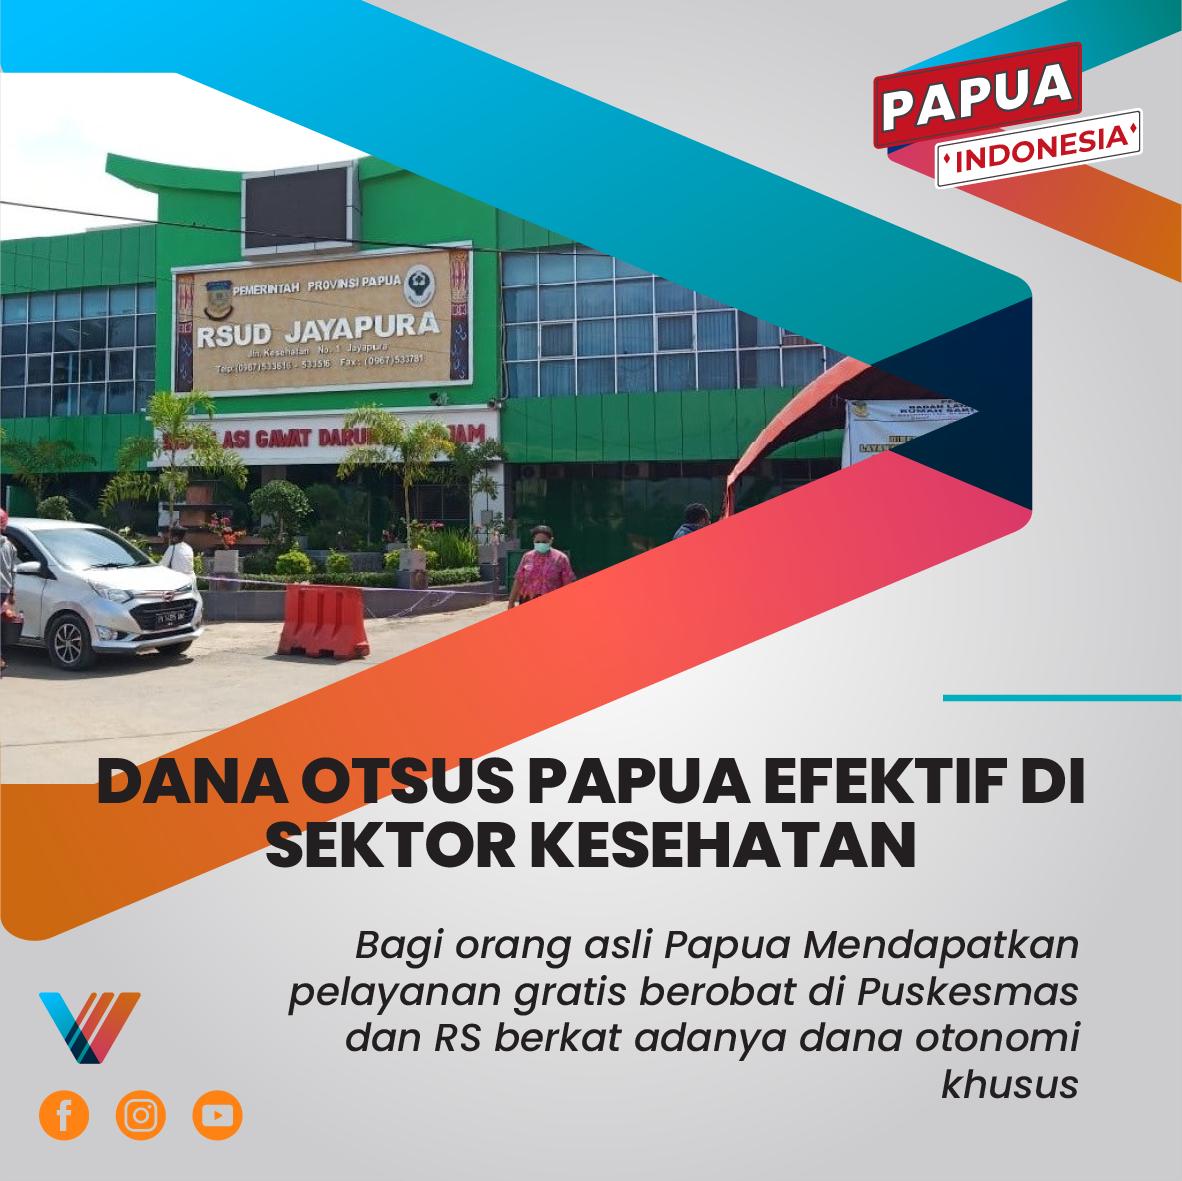 Dana Otsus Papua Efektif Di Sektor Kesehatan